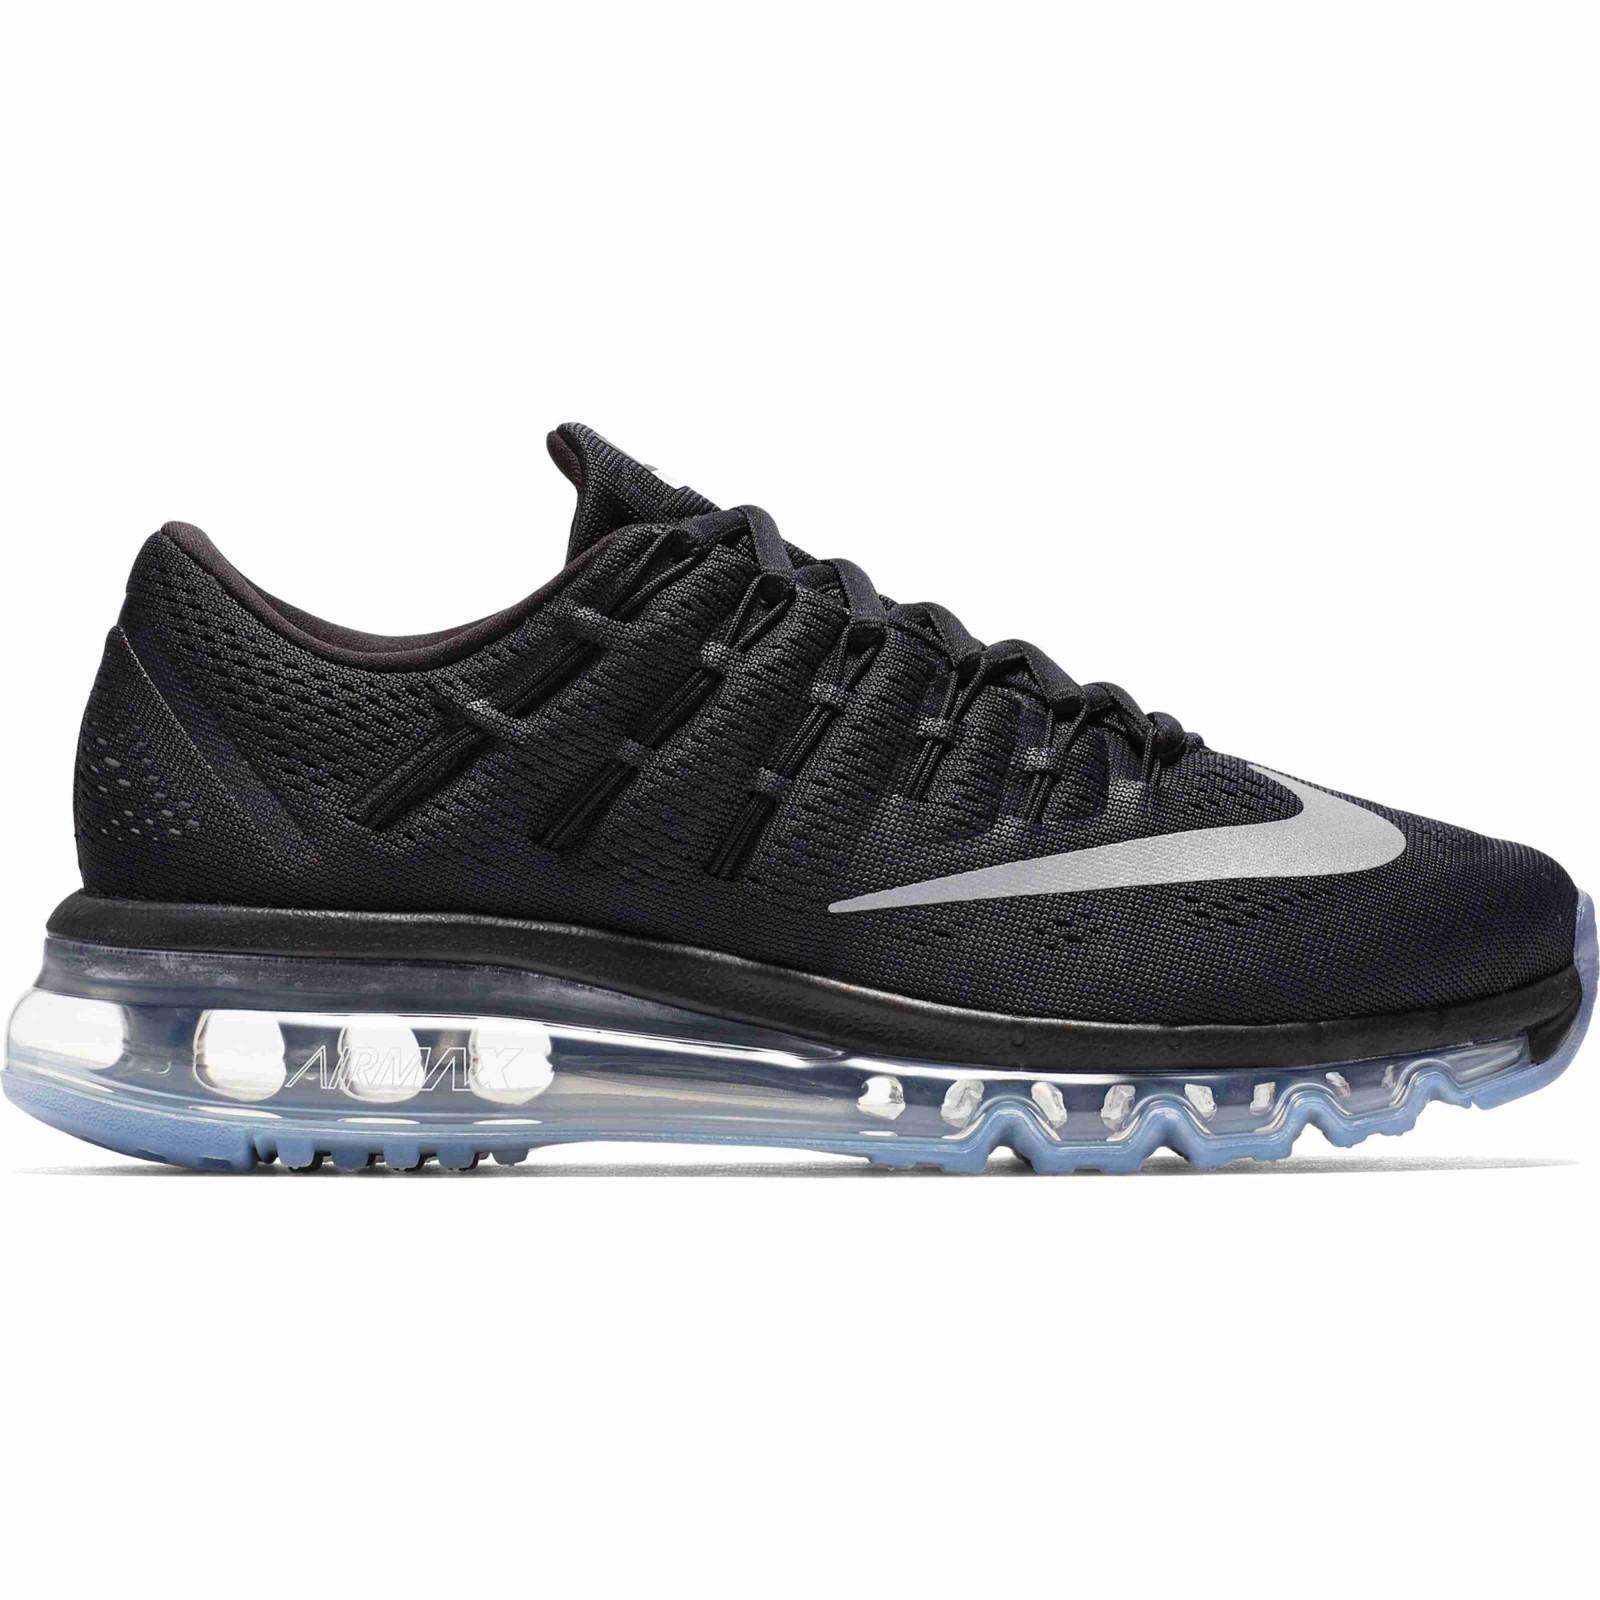 e57a22ac50cd Dámské tenisky Nike WMNS AIR MAX 2016